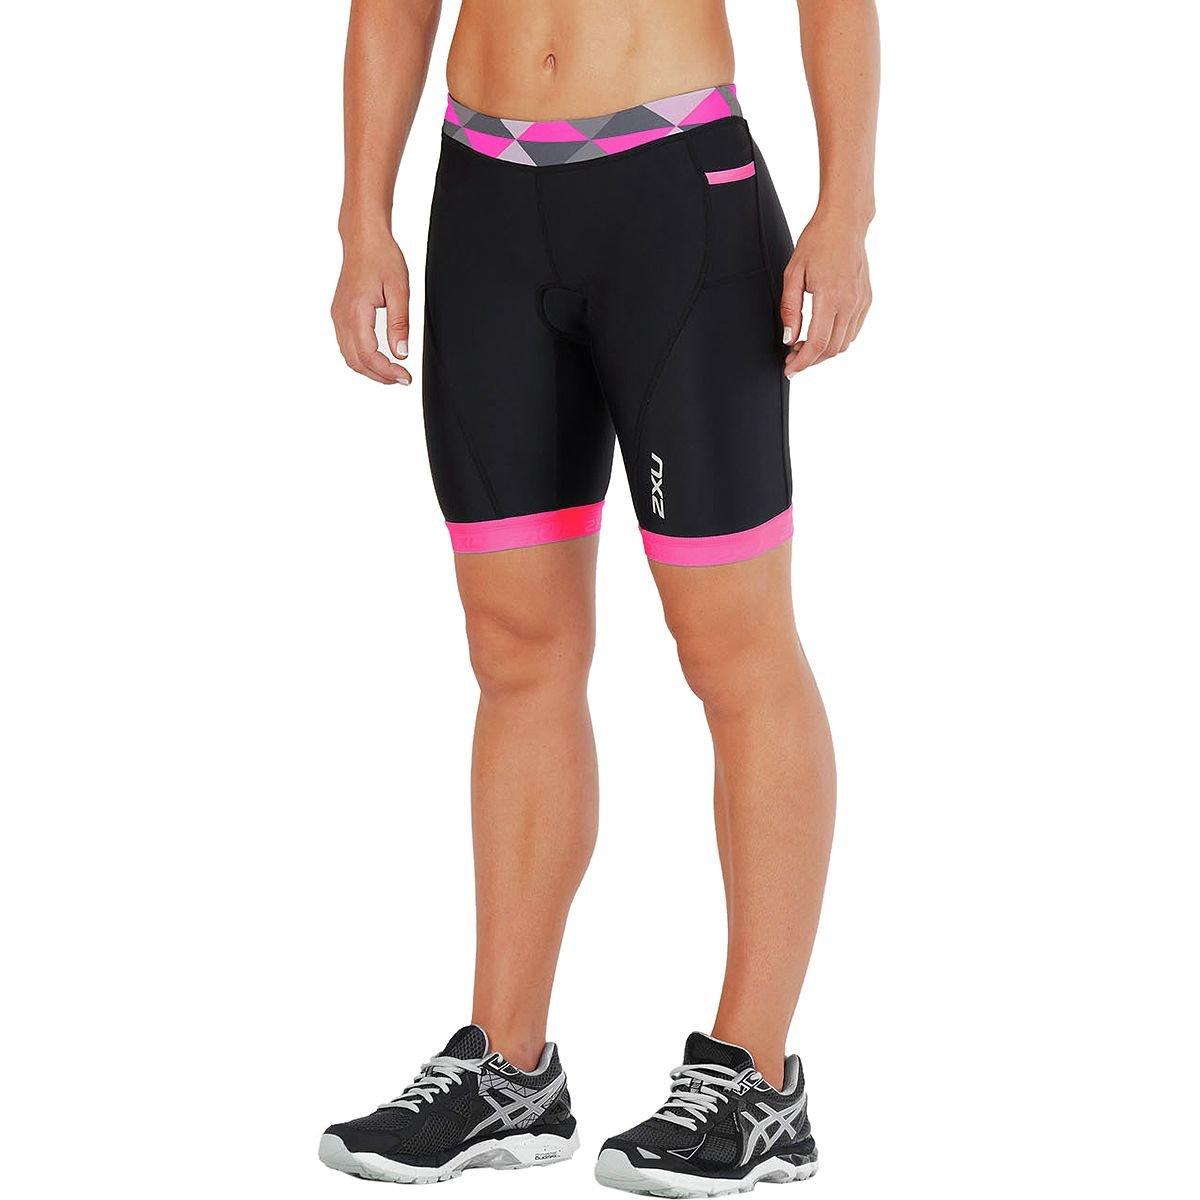 2XU - Pantalón Corto para Mujer Active 7